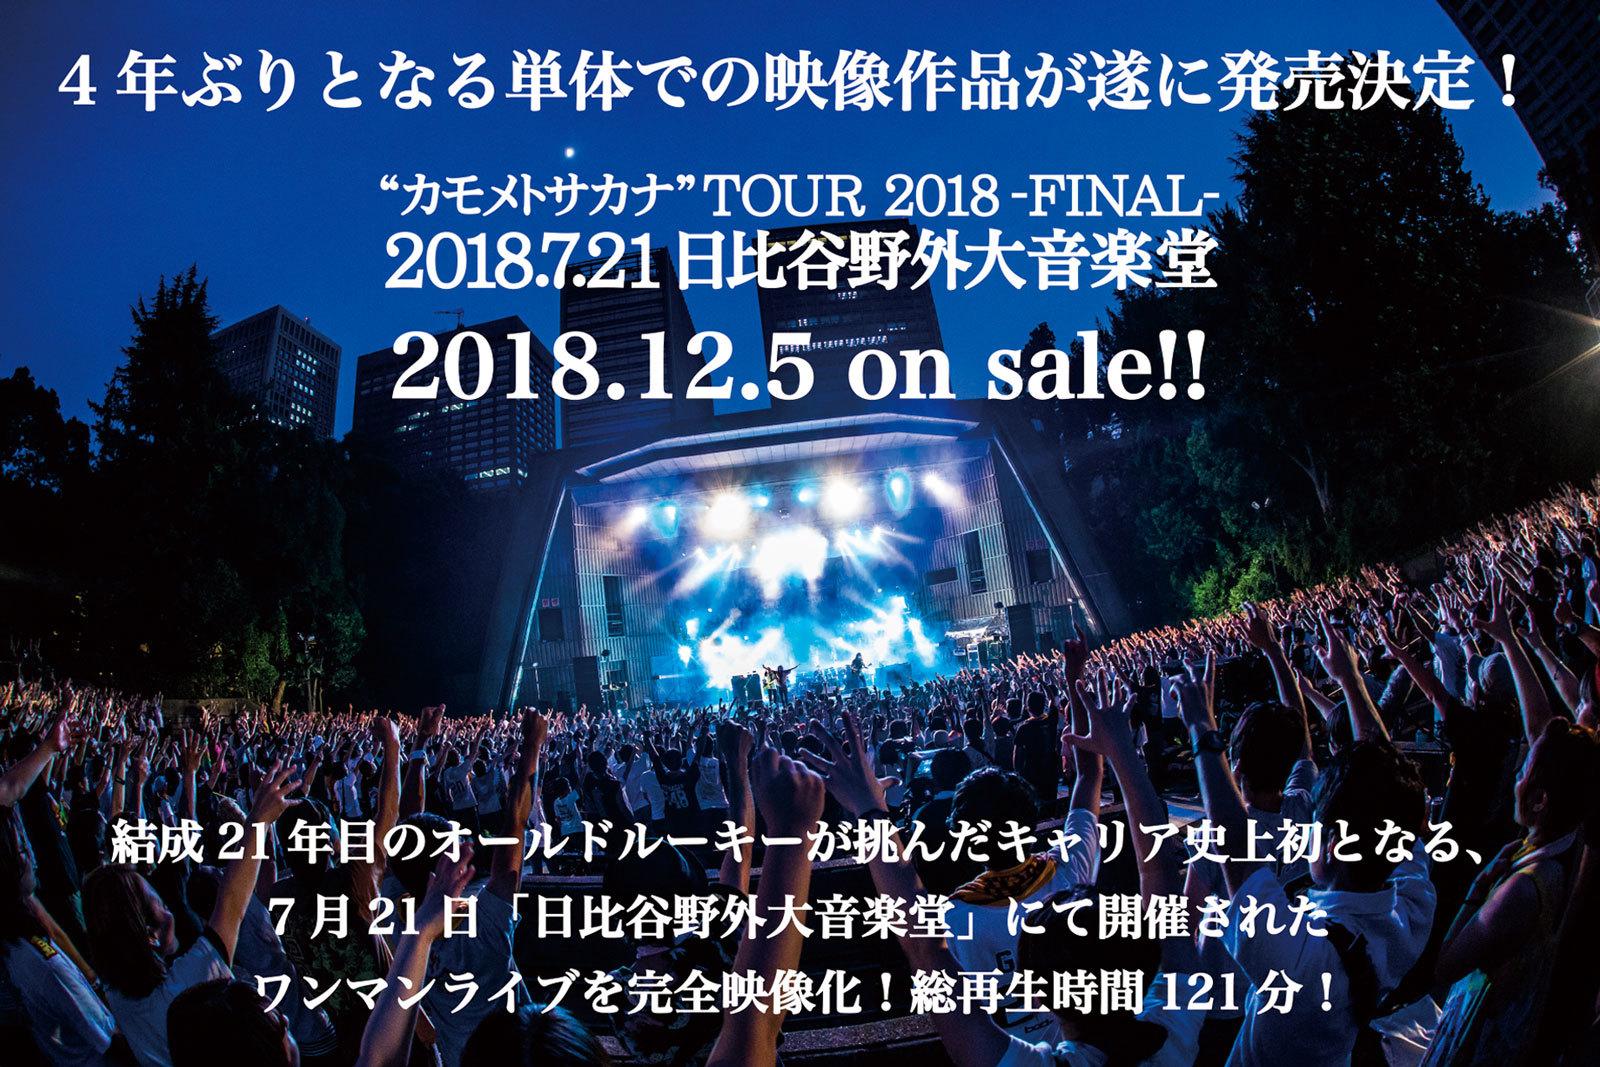 G-FREAK FACTORY 、12/5(水)ライブDVD発売決定!